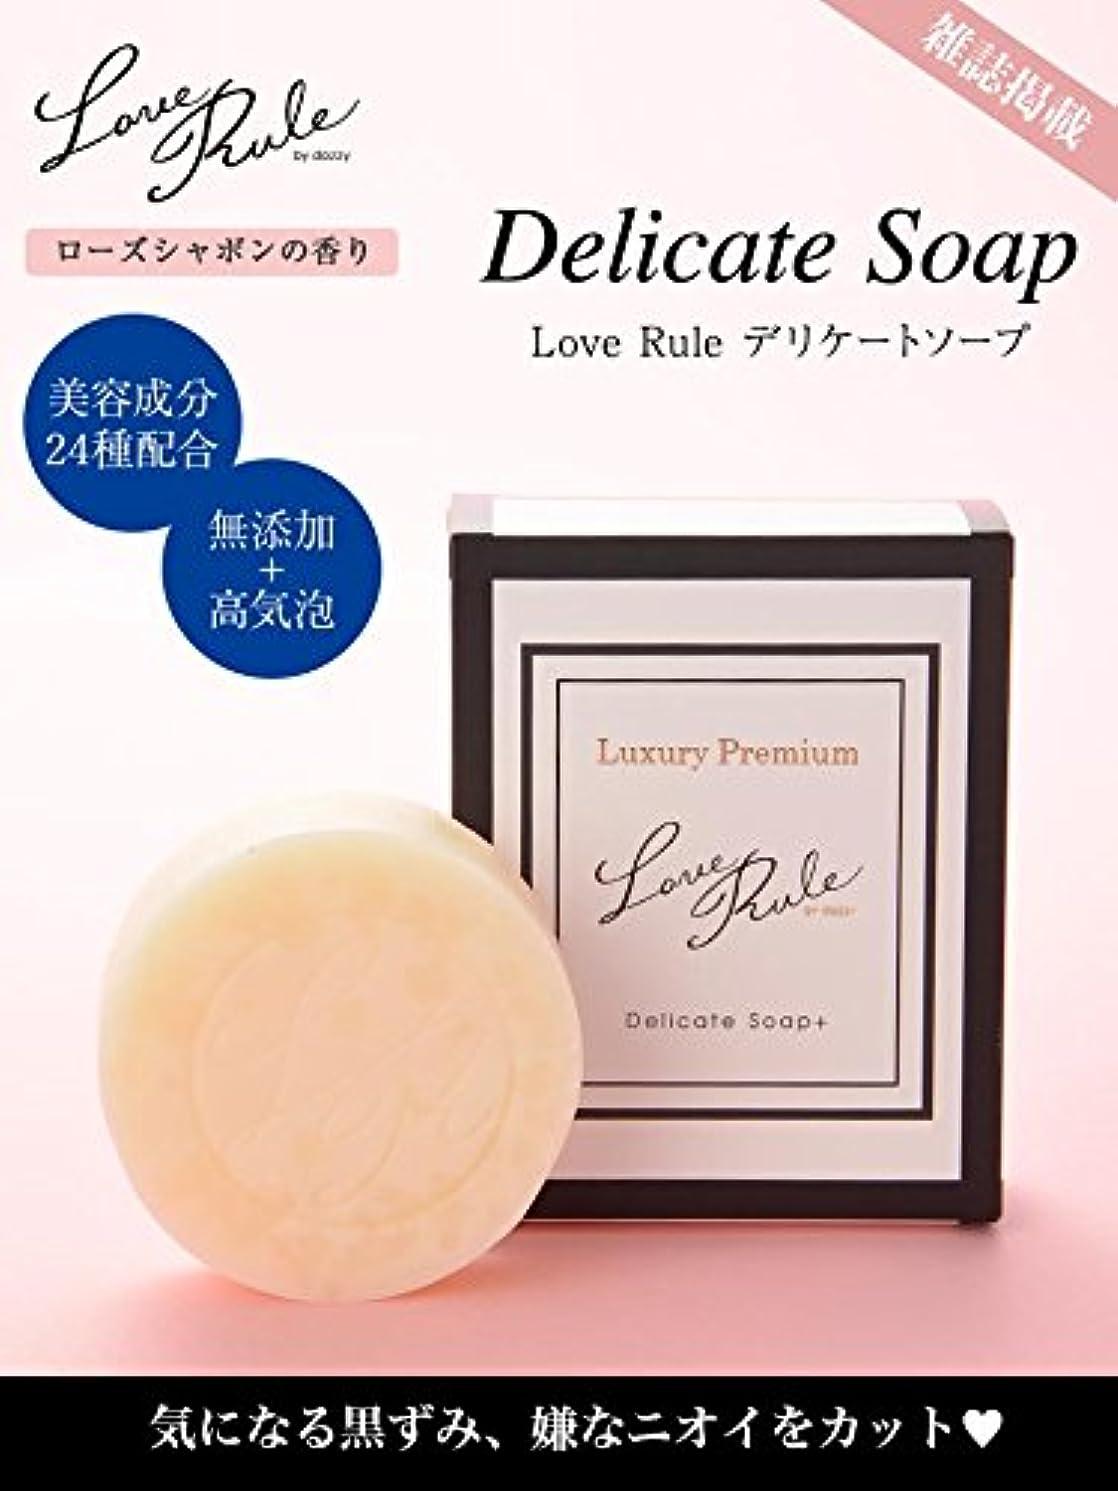 満足できる噂ハシーLove Rule デリケートゾーン ソープ プラス 美容成分24種配合 石鹸